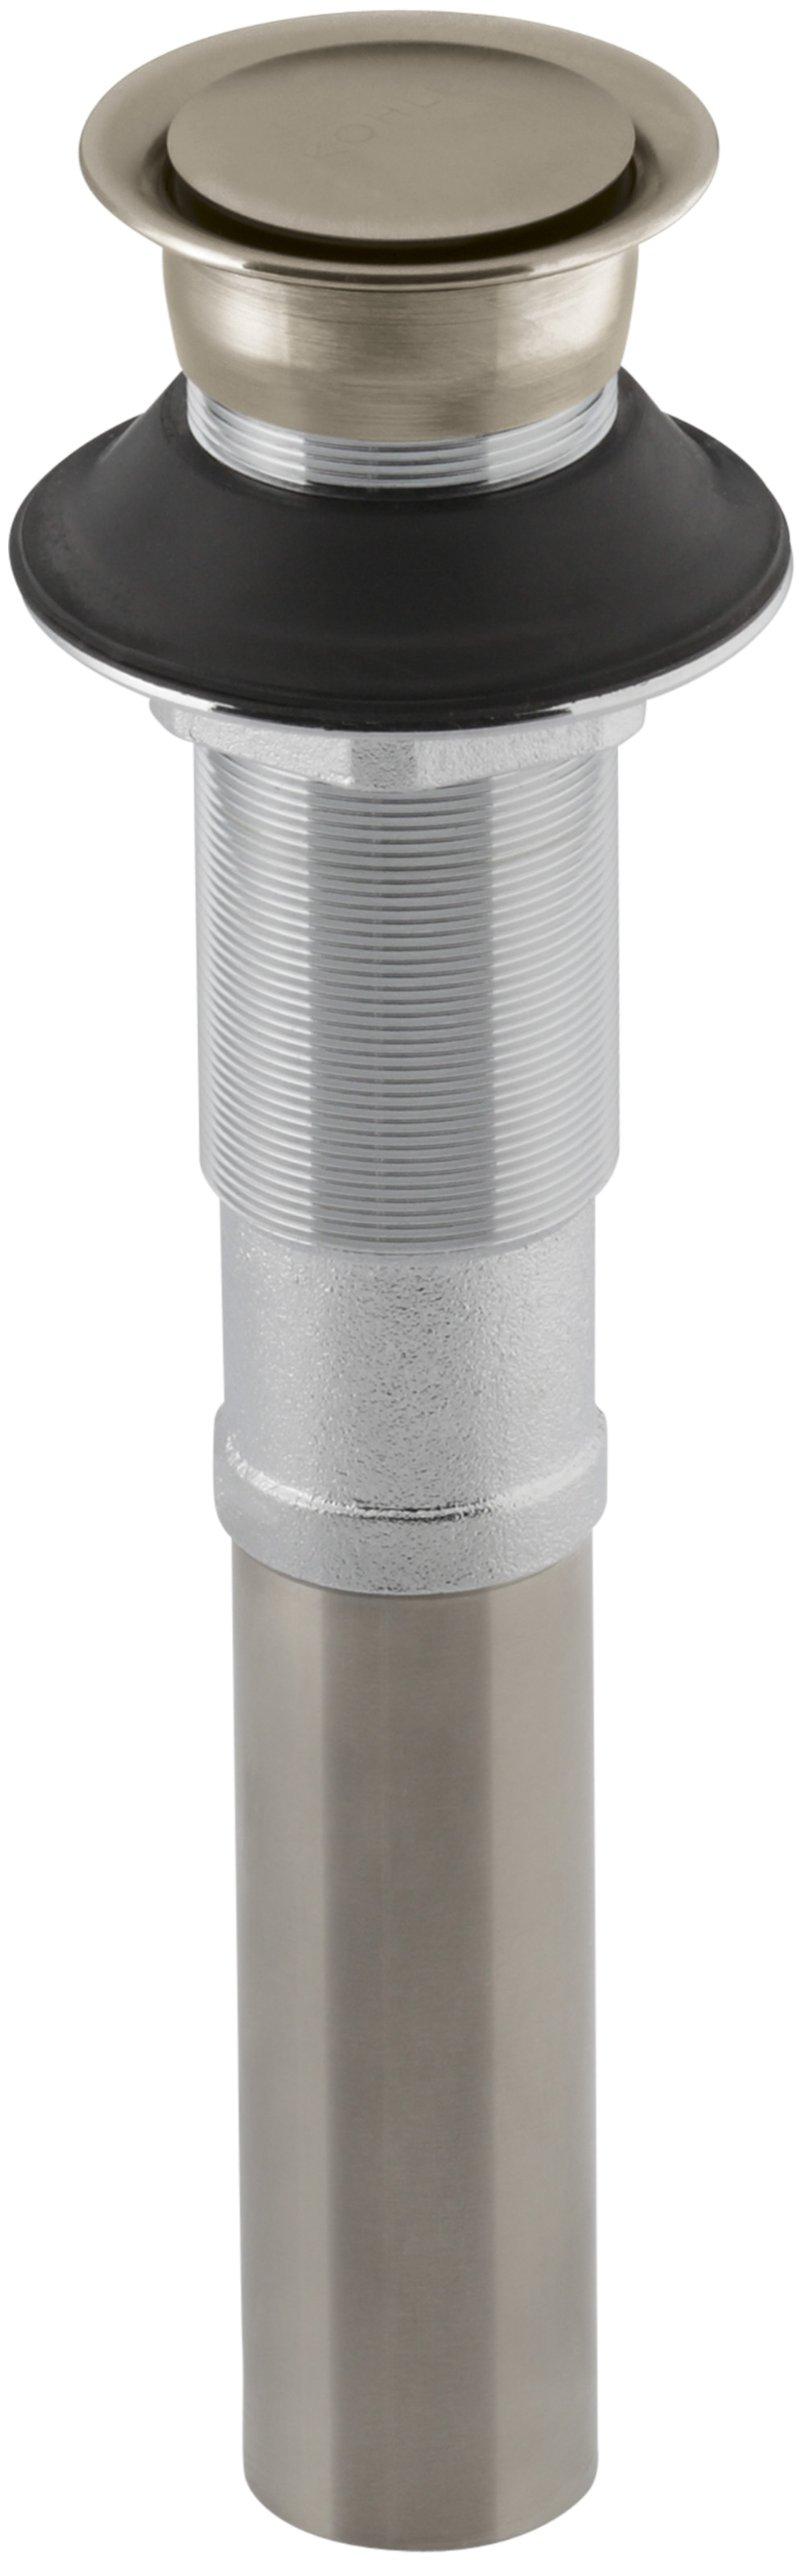 Kohler K-7124-BV Pop-Up Clicker Drain Without Overflow, Vibrant Brushed Bronze by Kohler